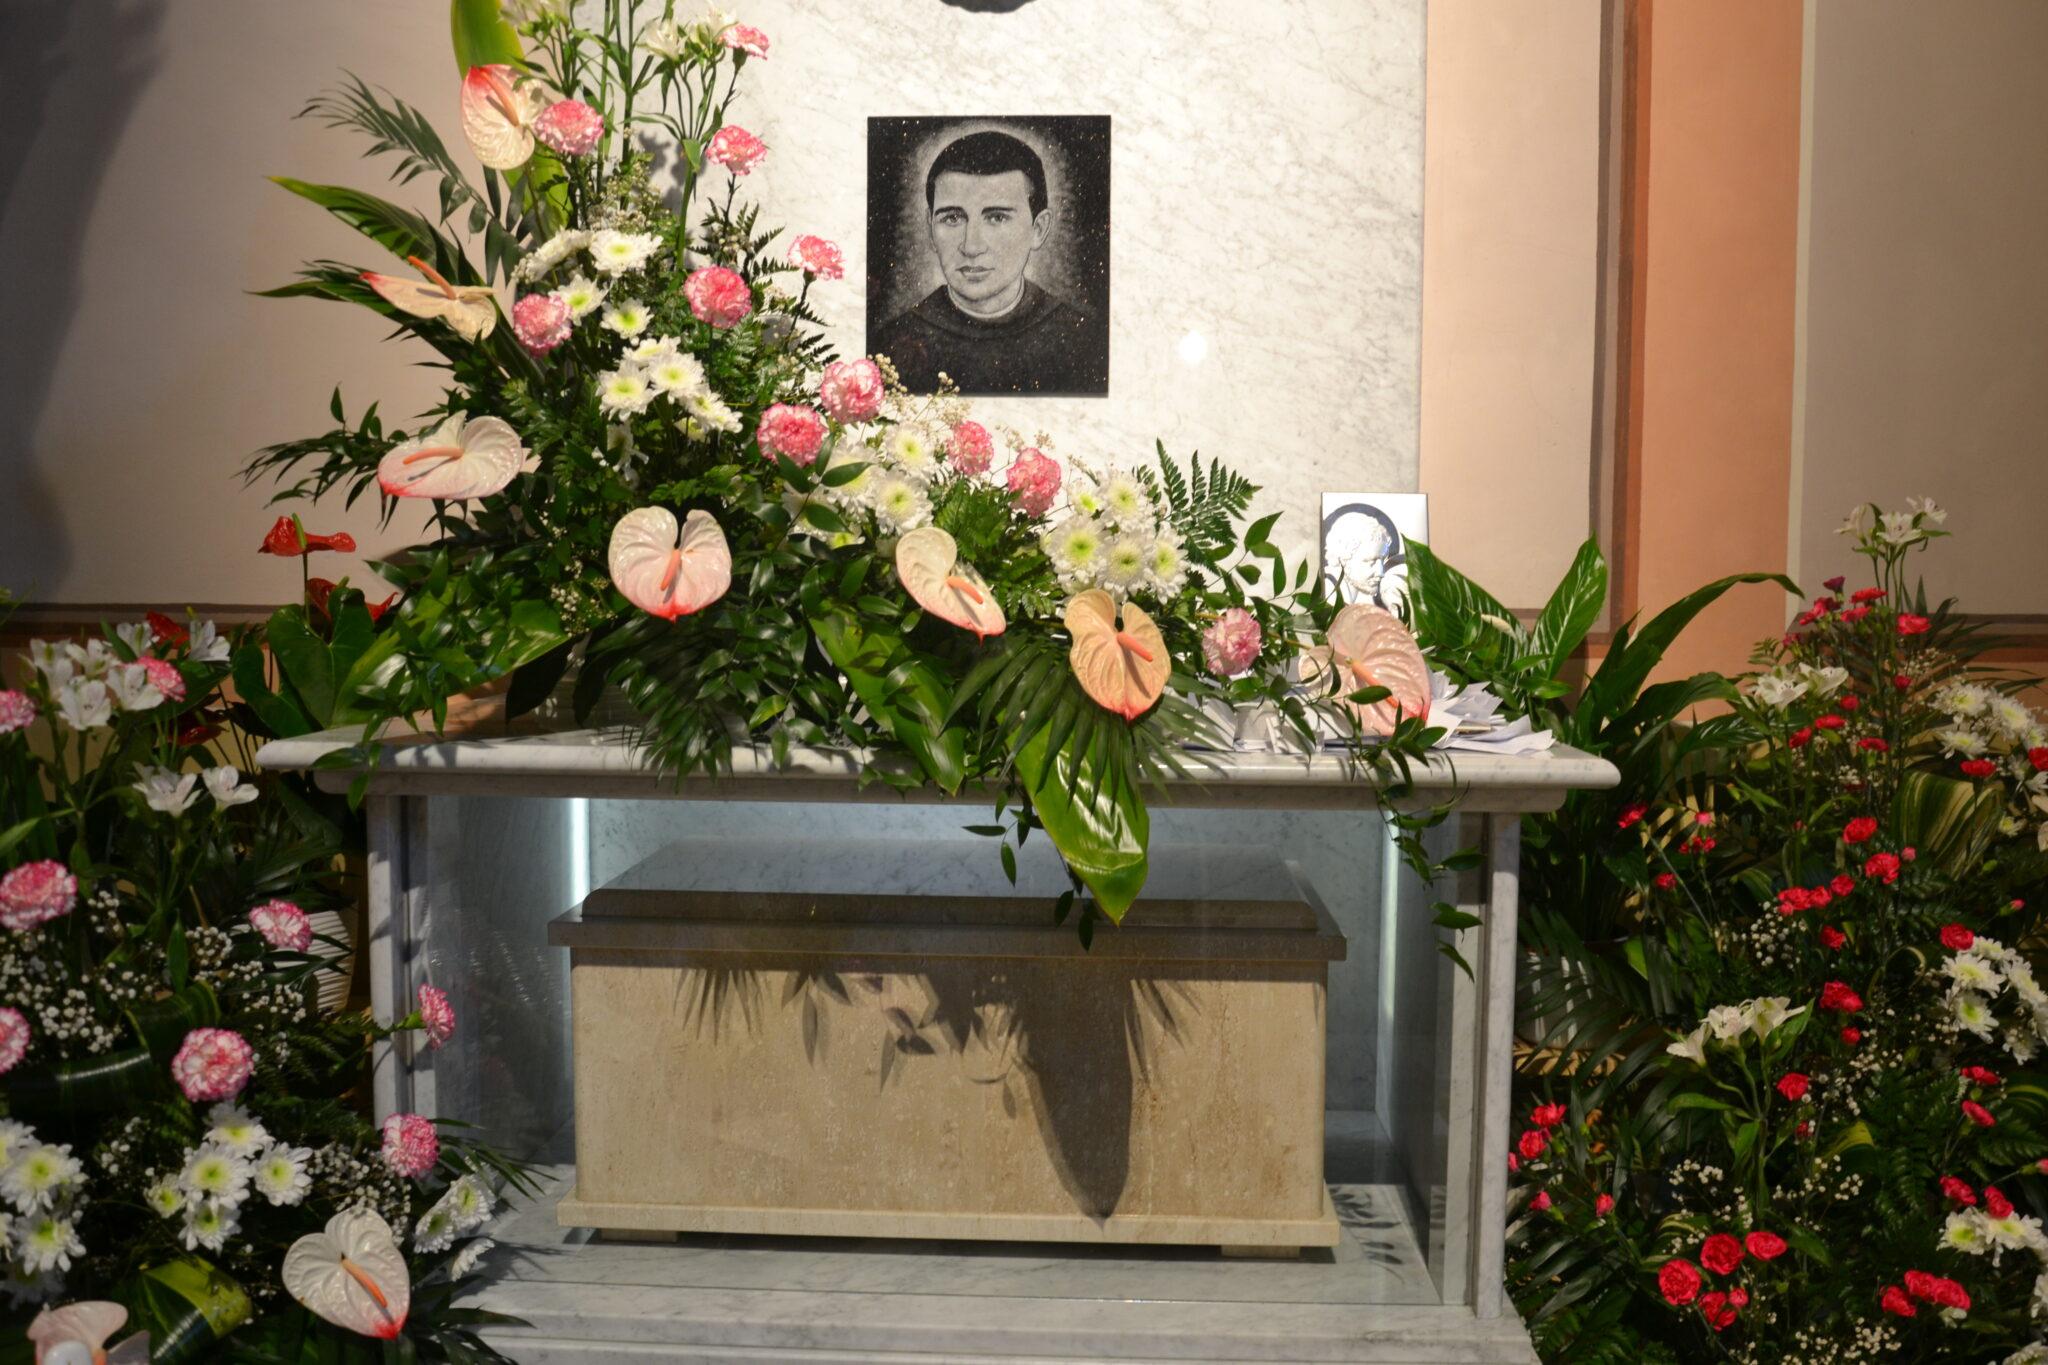 Дні молитви про беатифікацію о. Венантія Катажинця